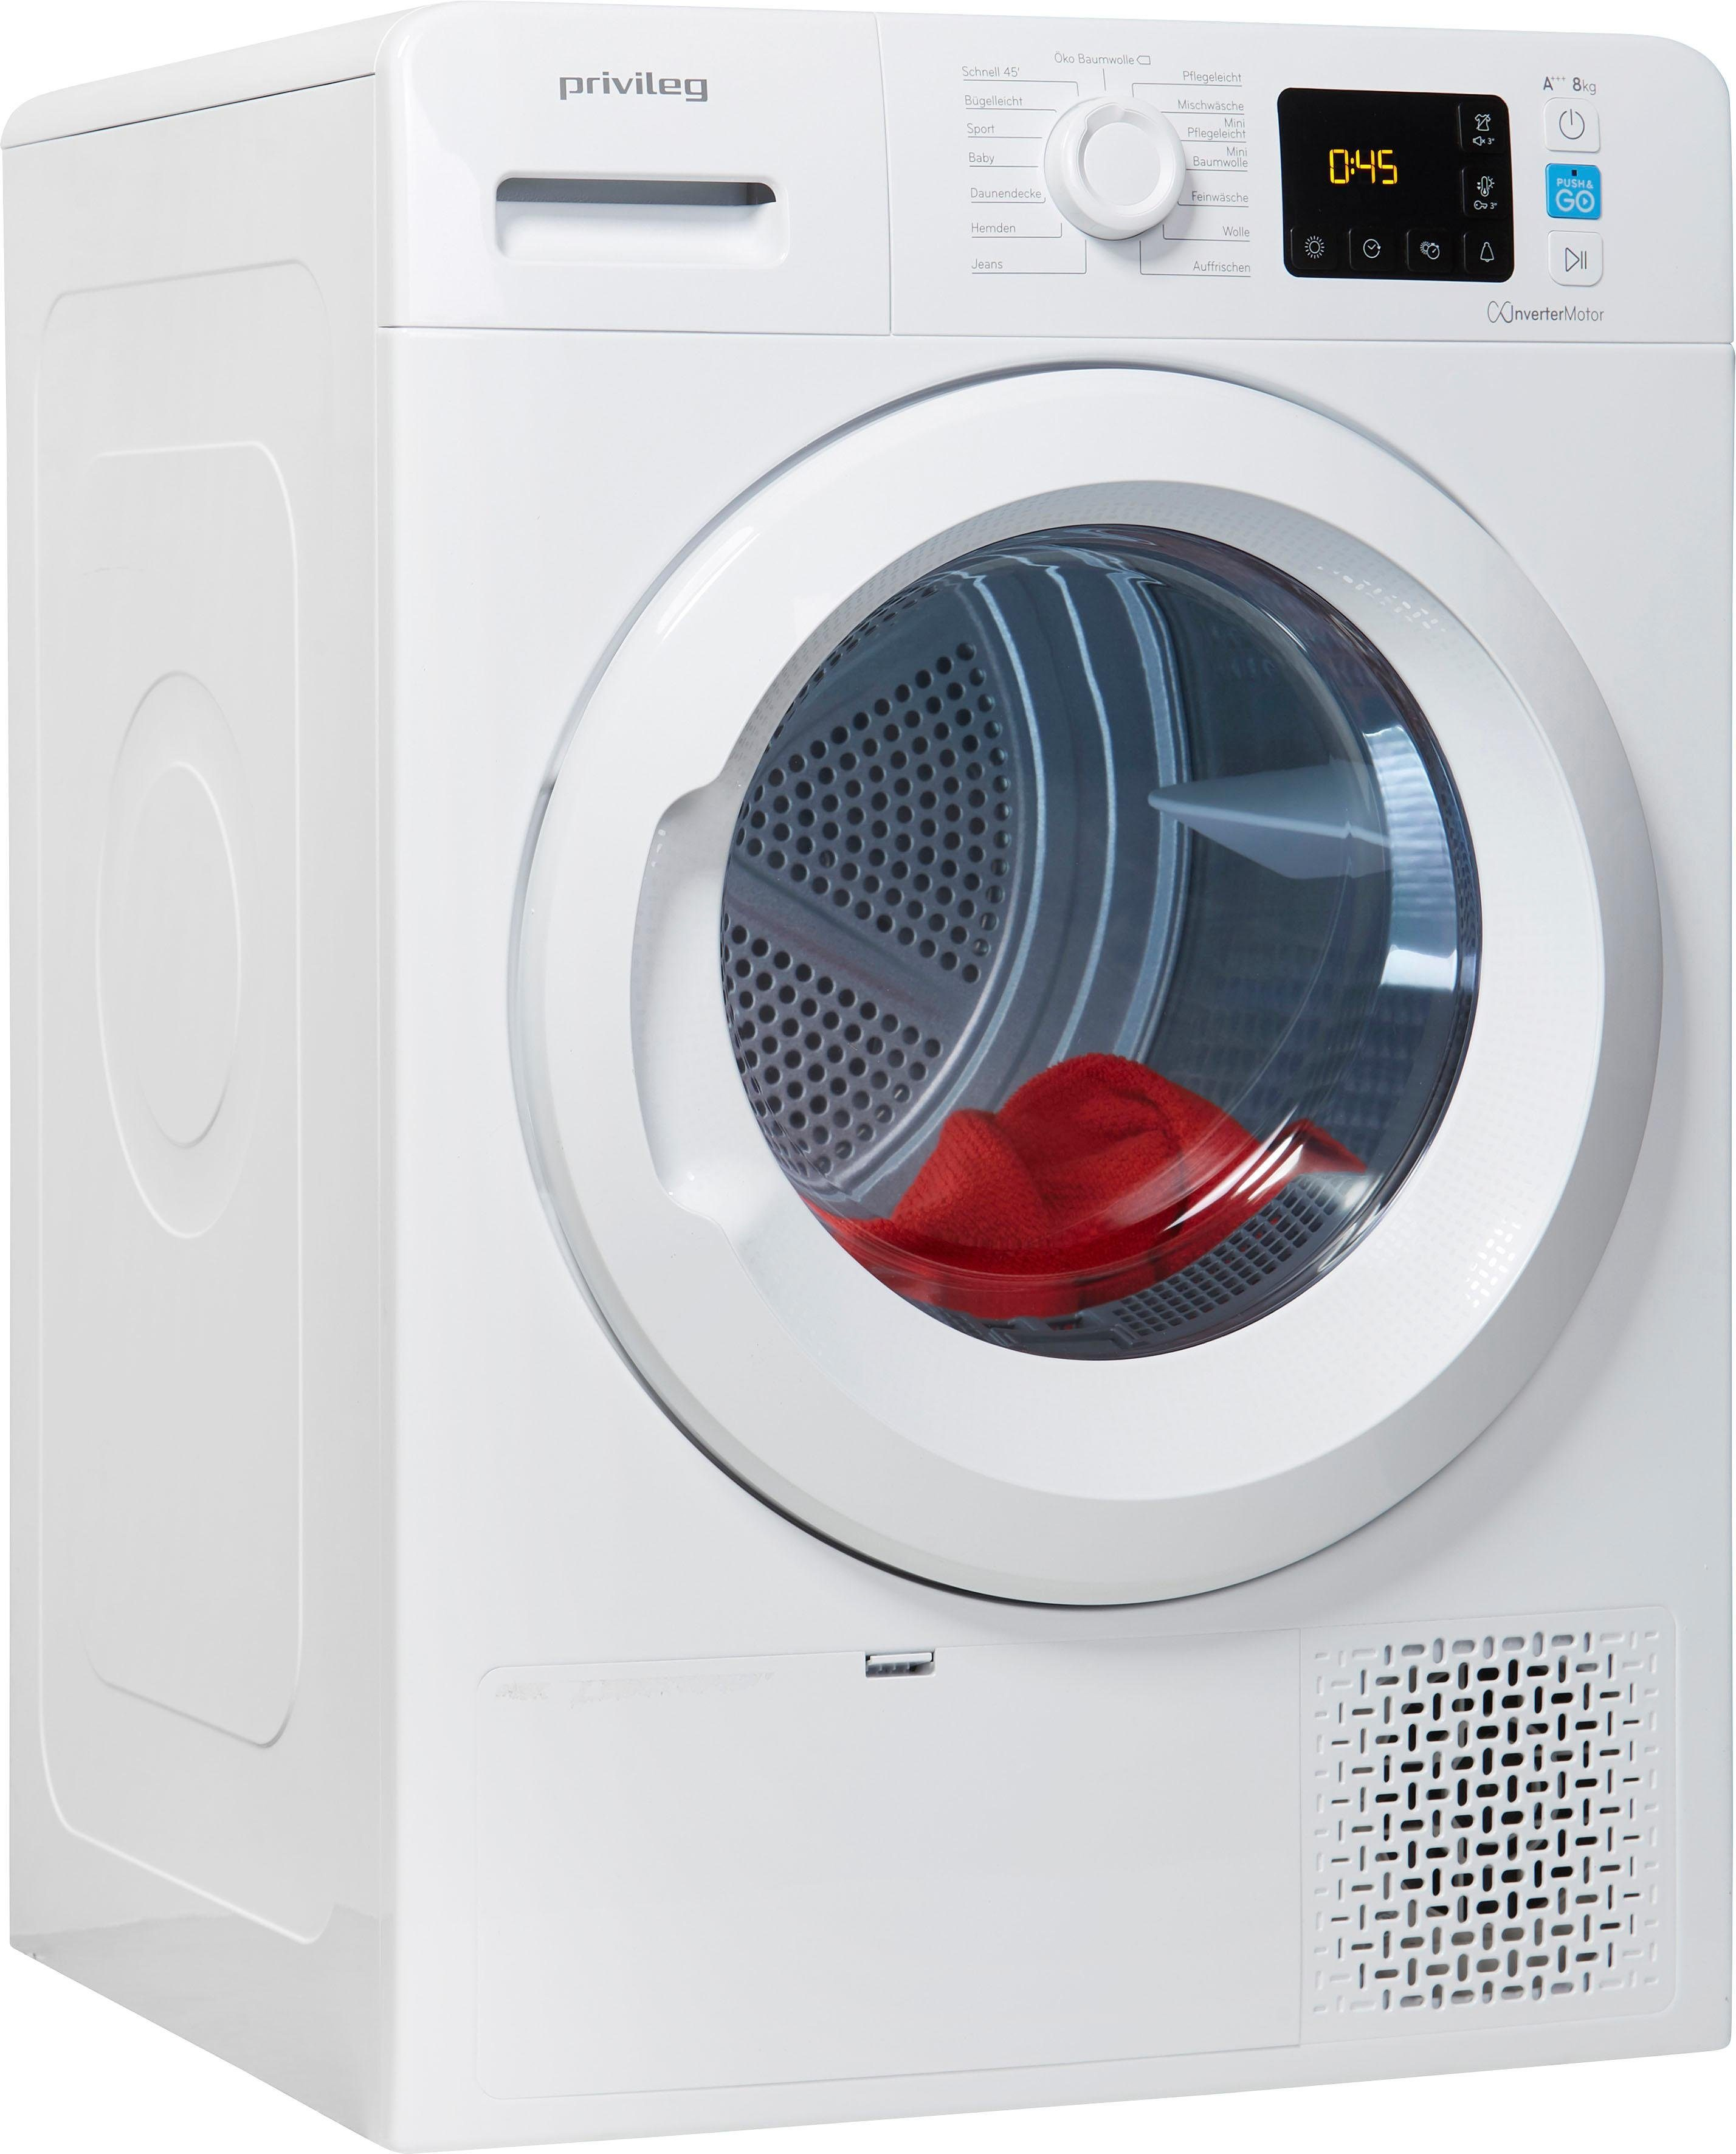 Privileg Wärmepumpentrockner PWCT M11 83 X DE 8 kg | Bad > Waschmaschinen und Trockner | Weiß | Privileg